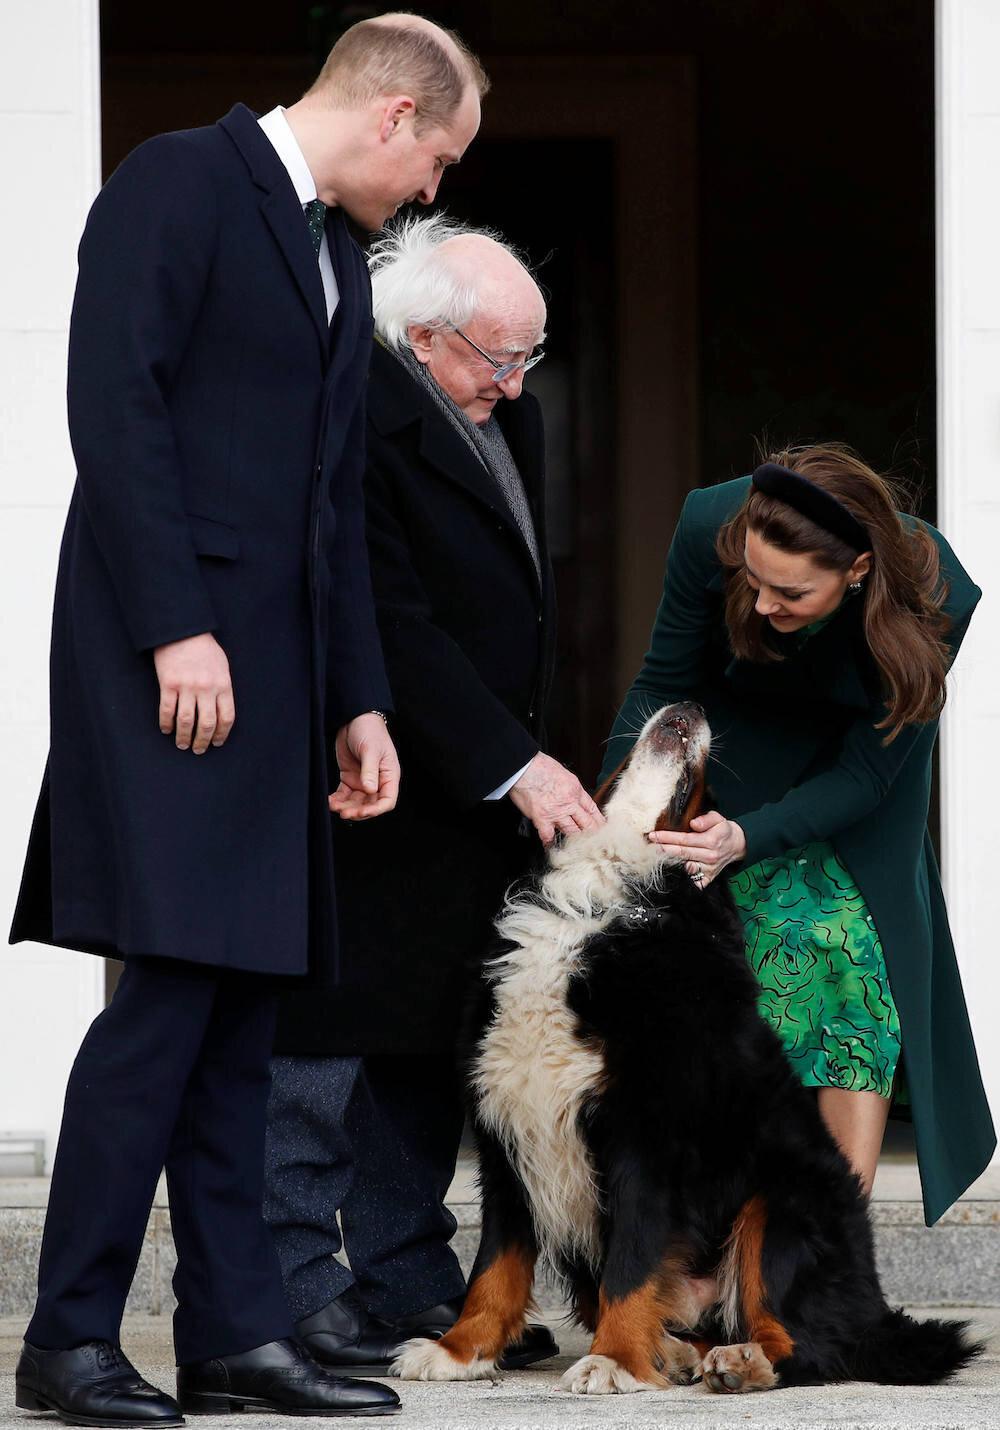 Herzogin Kate und Prinz William haben selbst einen Hund. Daher gab es auch keine Berührungsängste, als sie Präsidentenhund Bród trafen. © picture alliance / empics